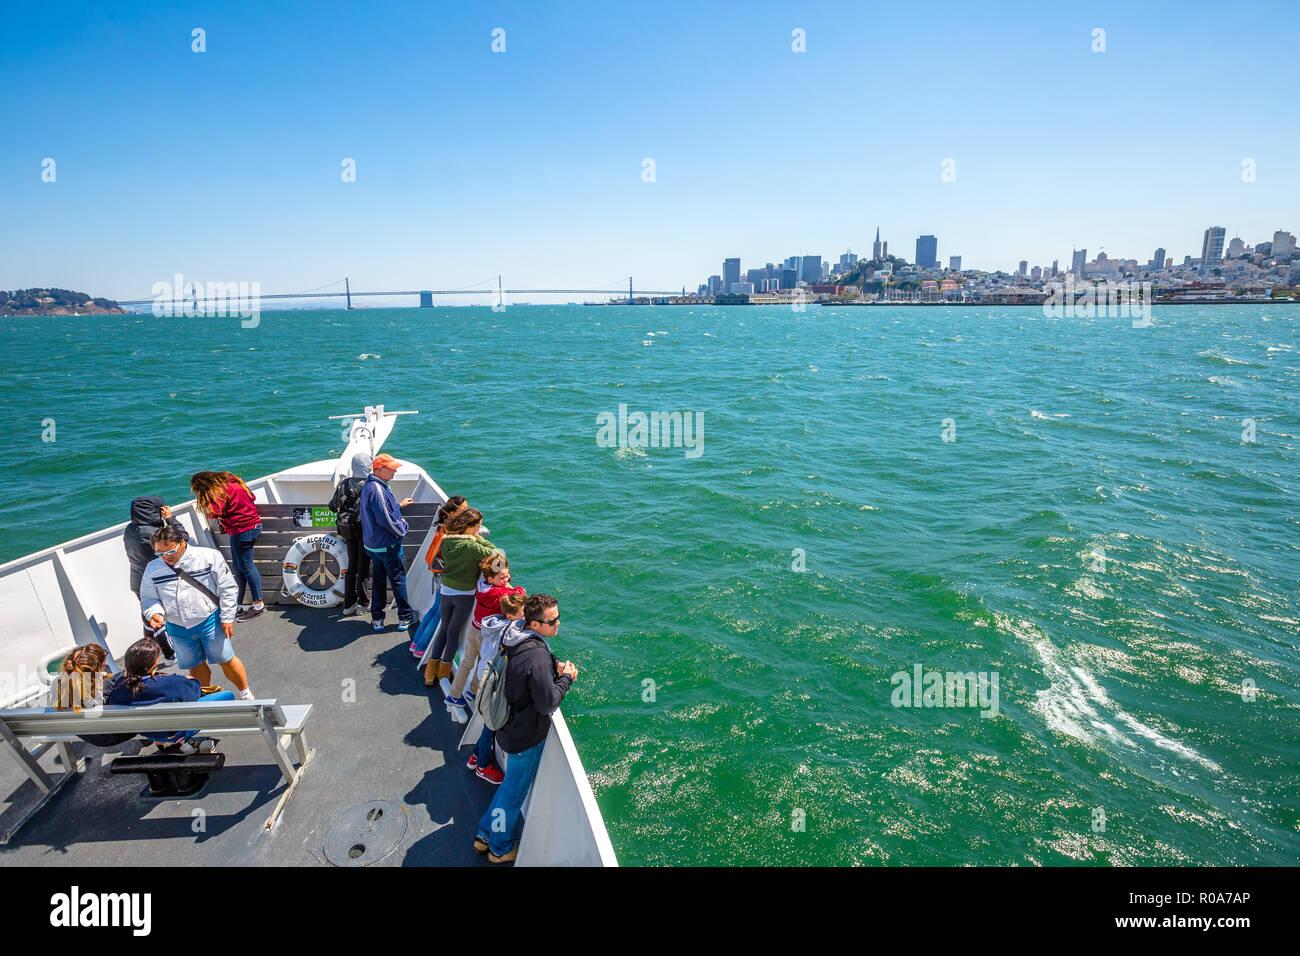 San Francisco, California, Stati Uniti - Agosto 14, 2016: Alcatraz Flayer tour in barca prua a Isola di Alcatraz a San Francisco cityscape e di Oakland Immagini Stock